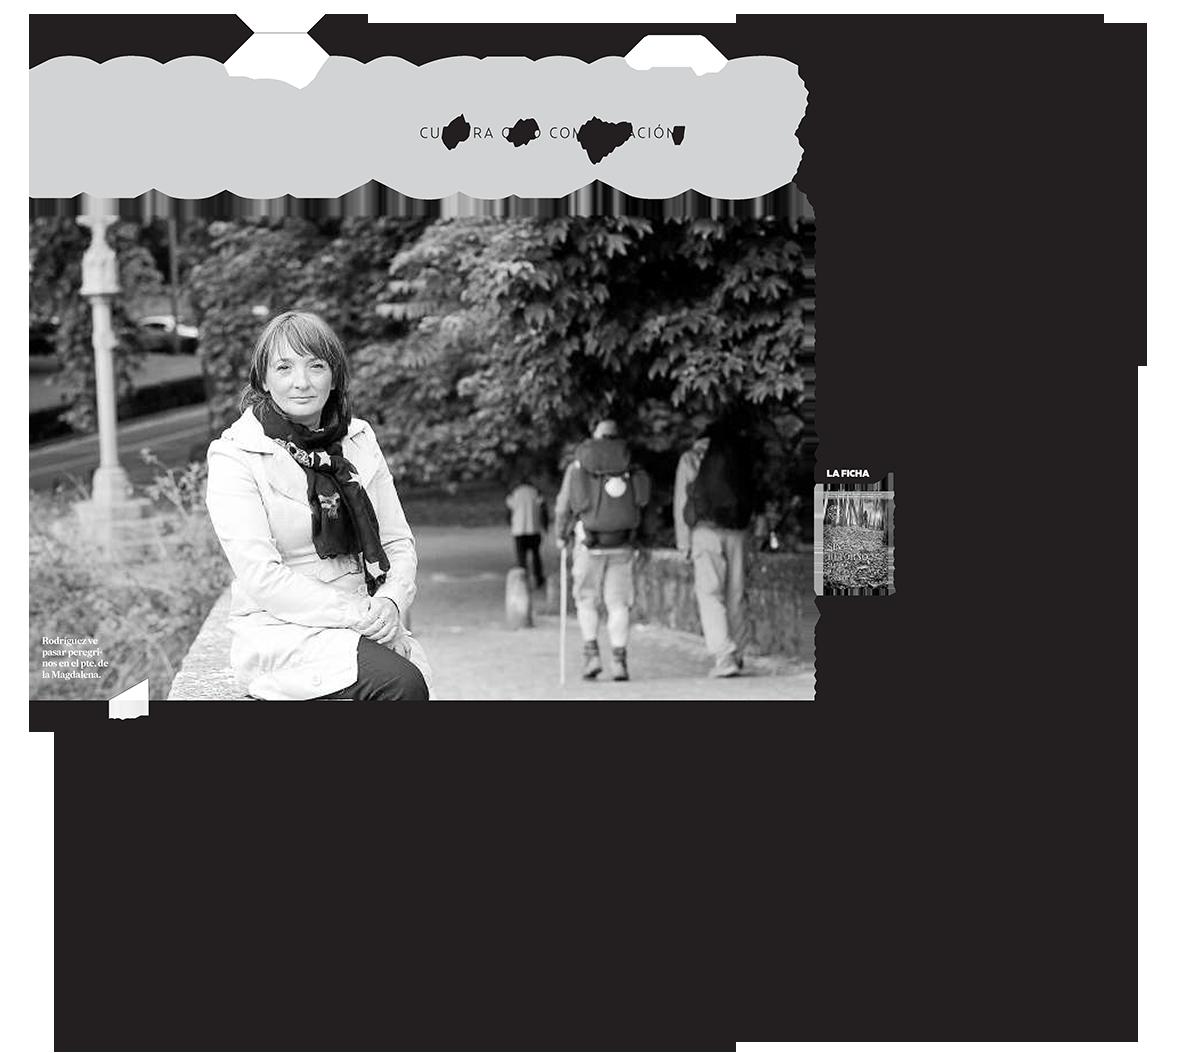 diario de noticias 1